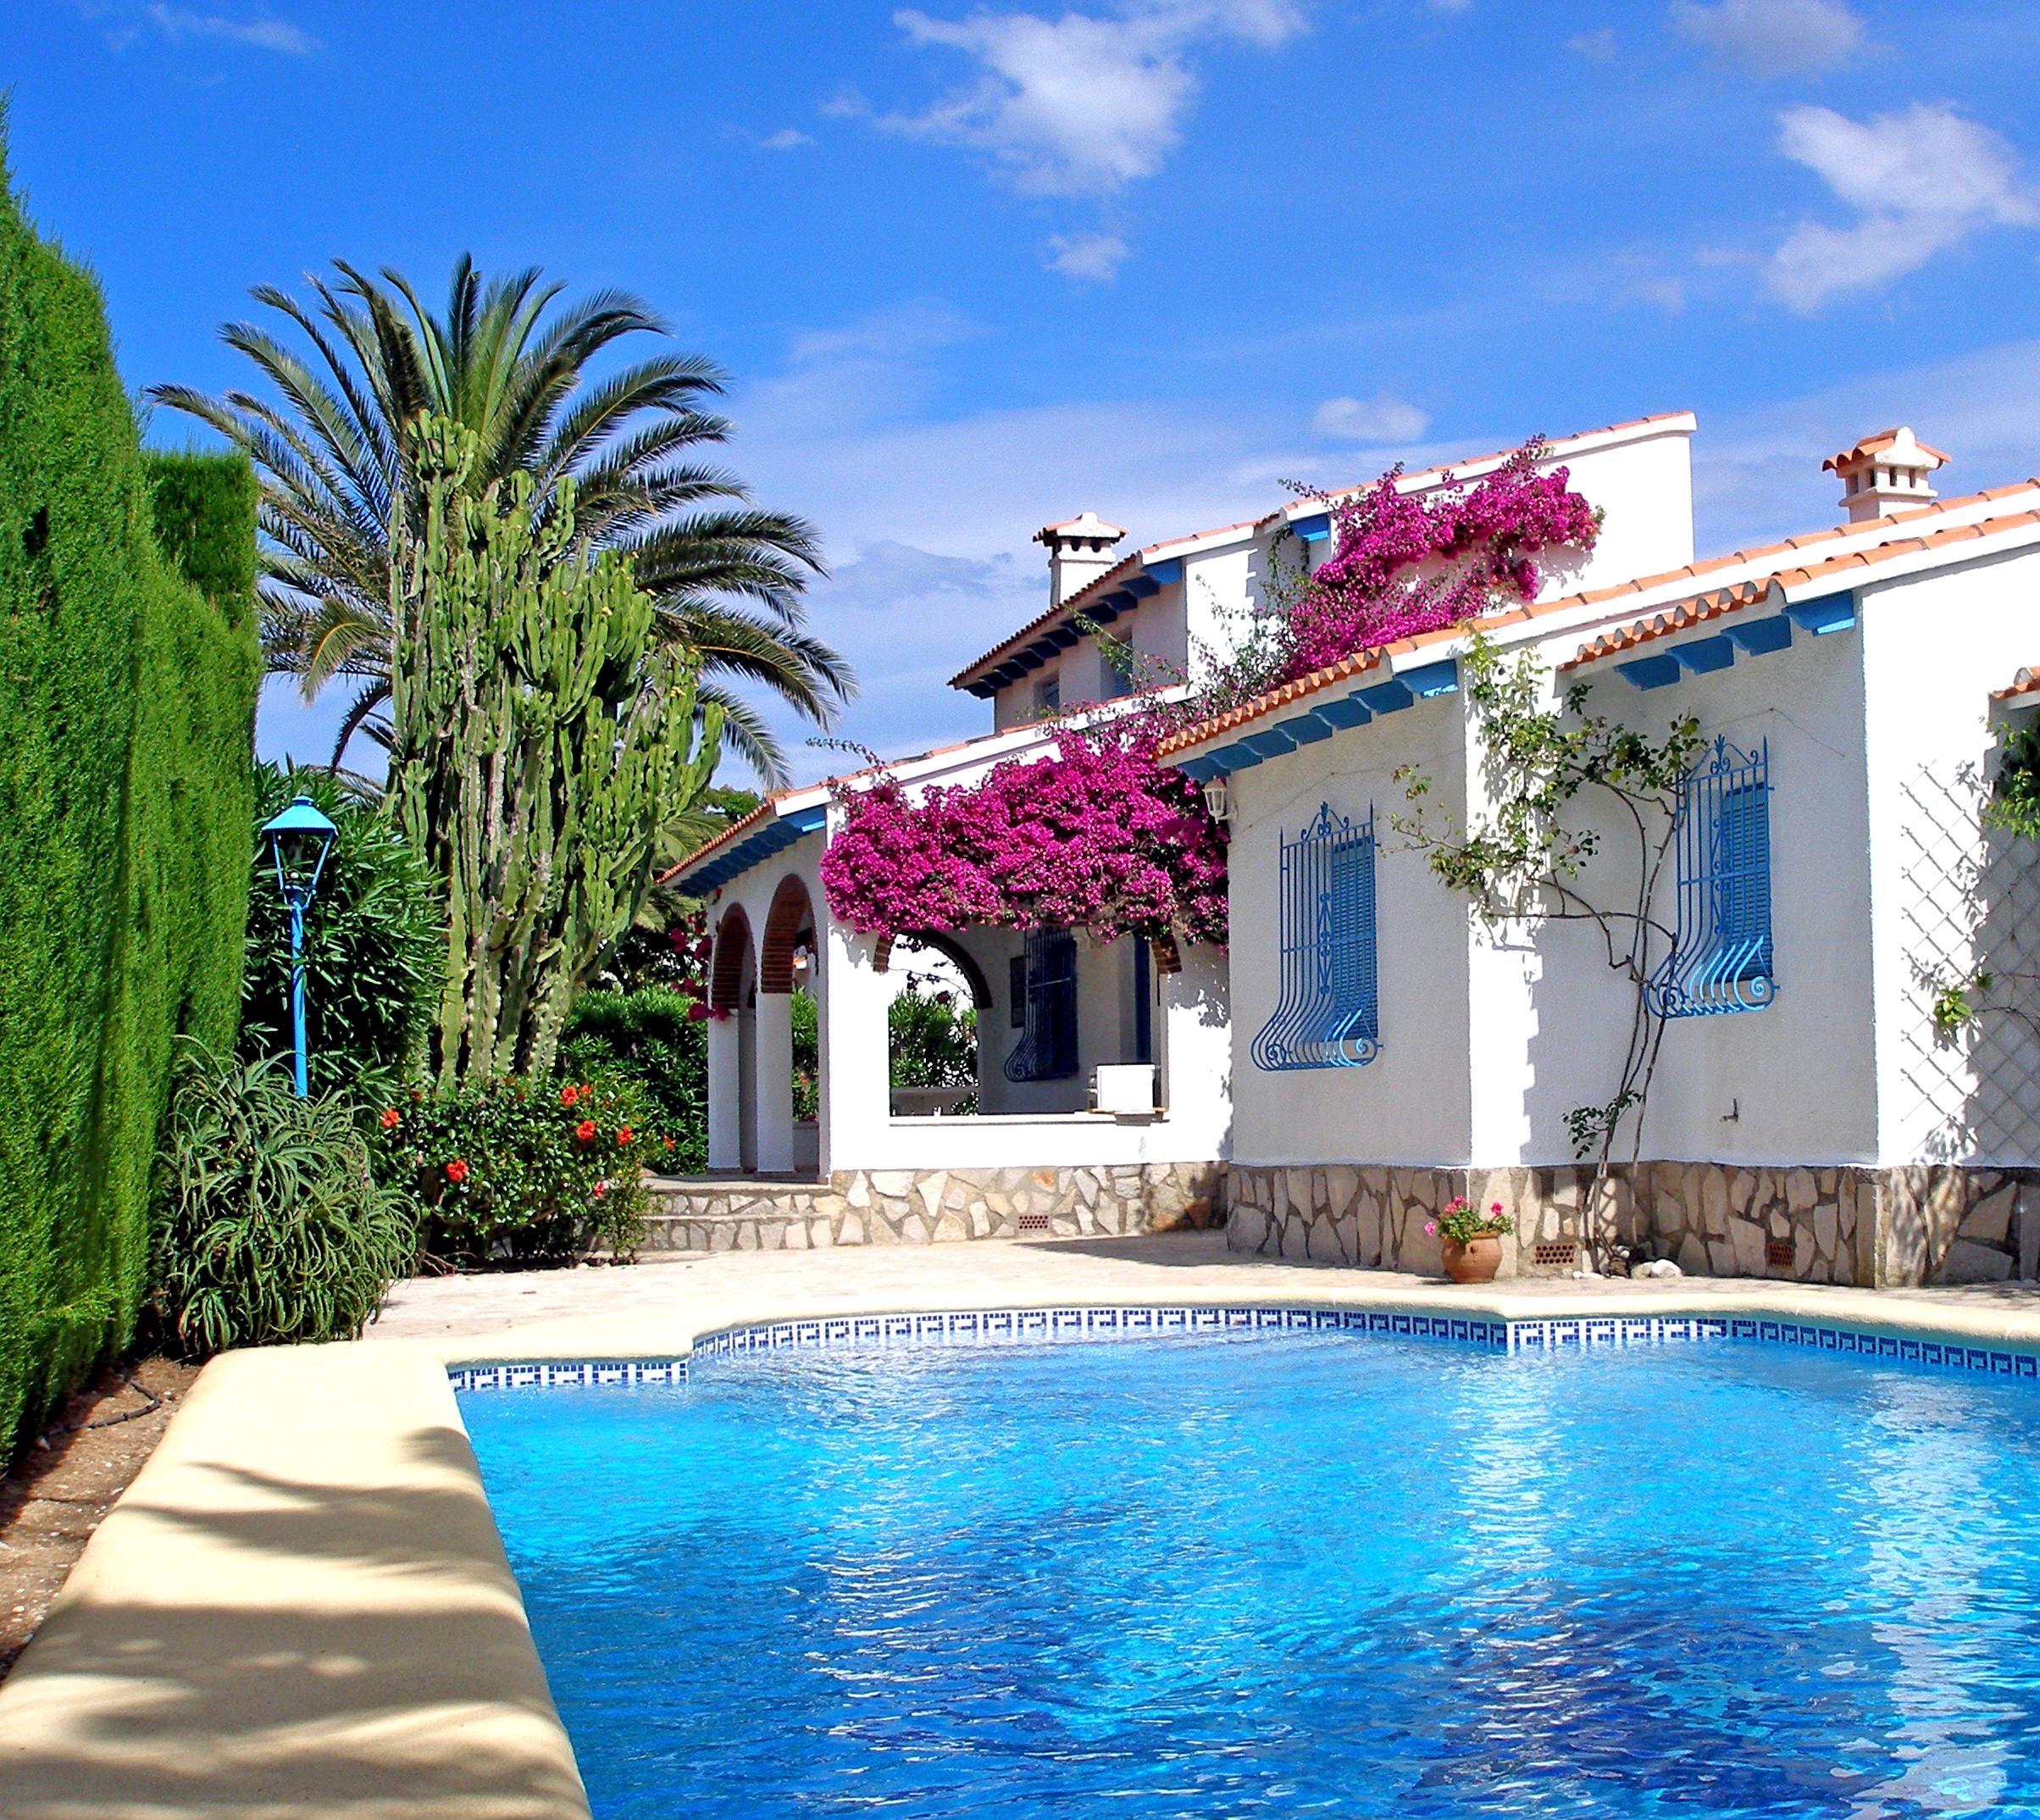 Casa de vacaciones playa gaviota in d nia espa a interhome - Apartamentos playa baratos vacaciones ...